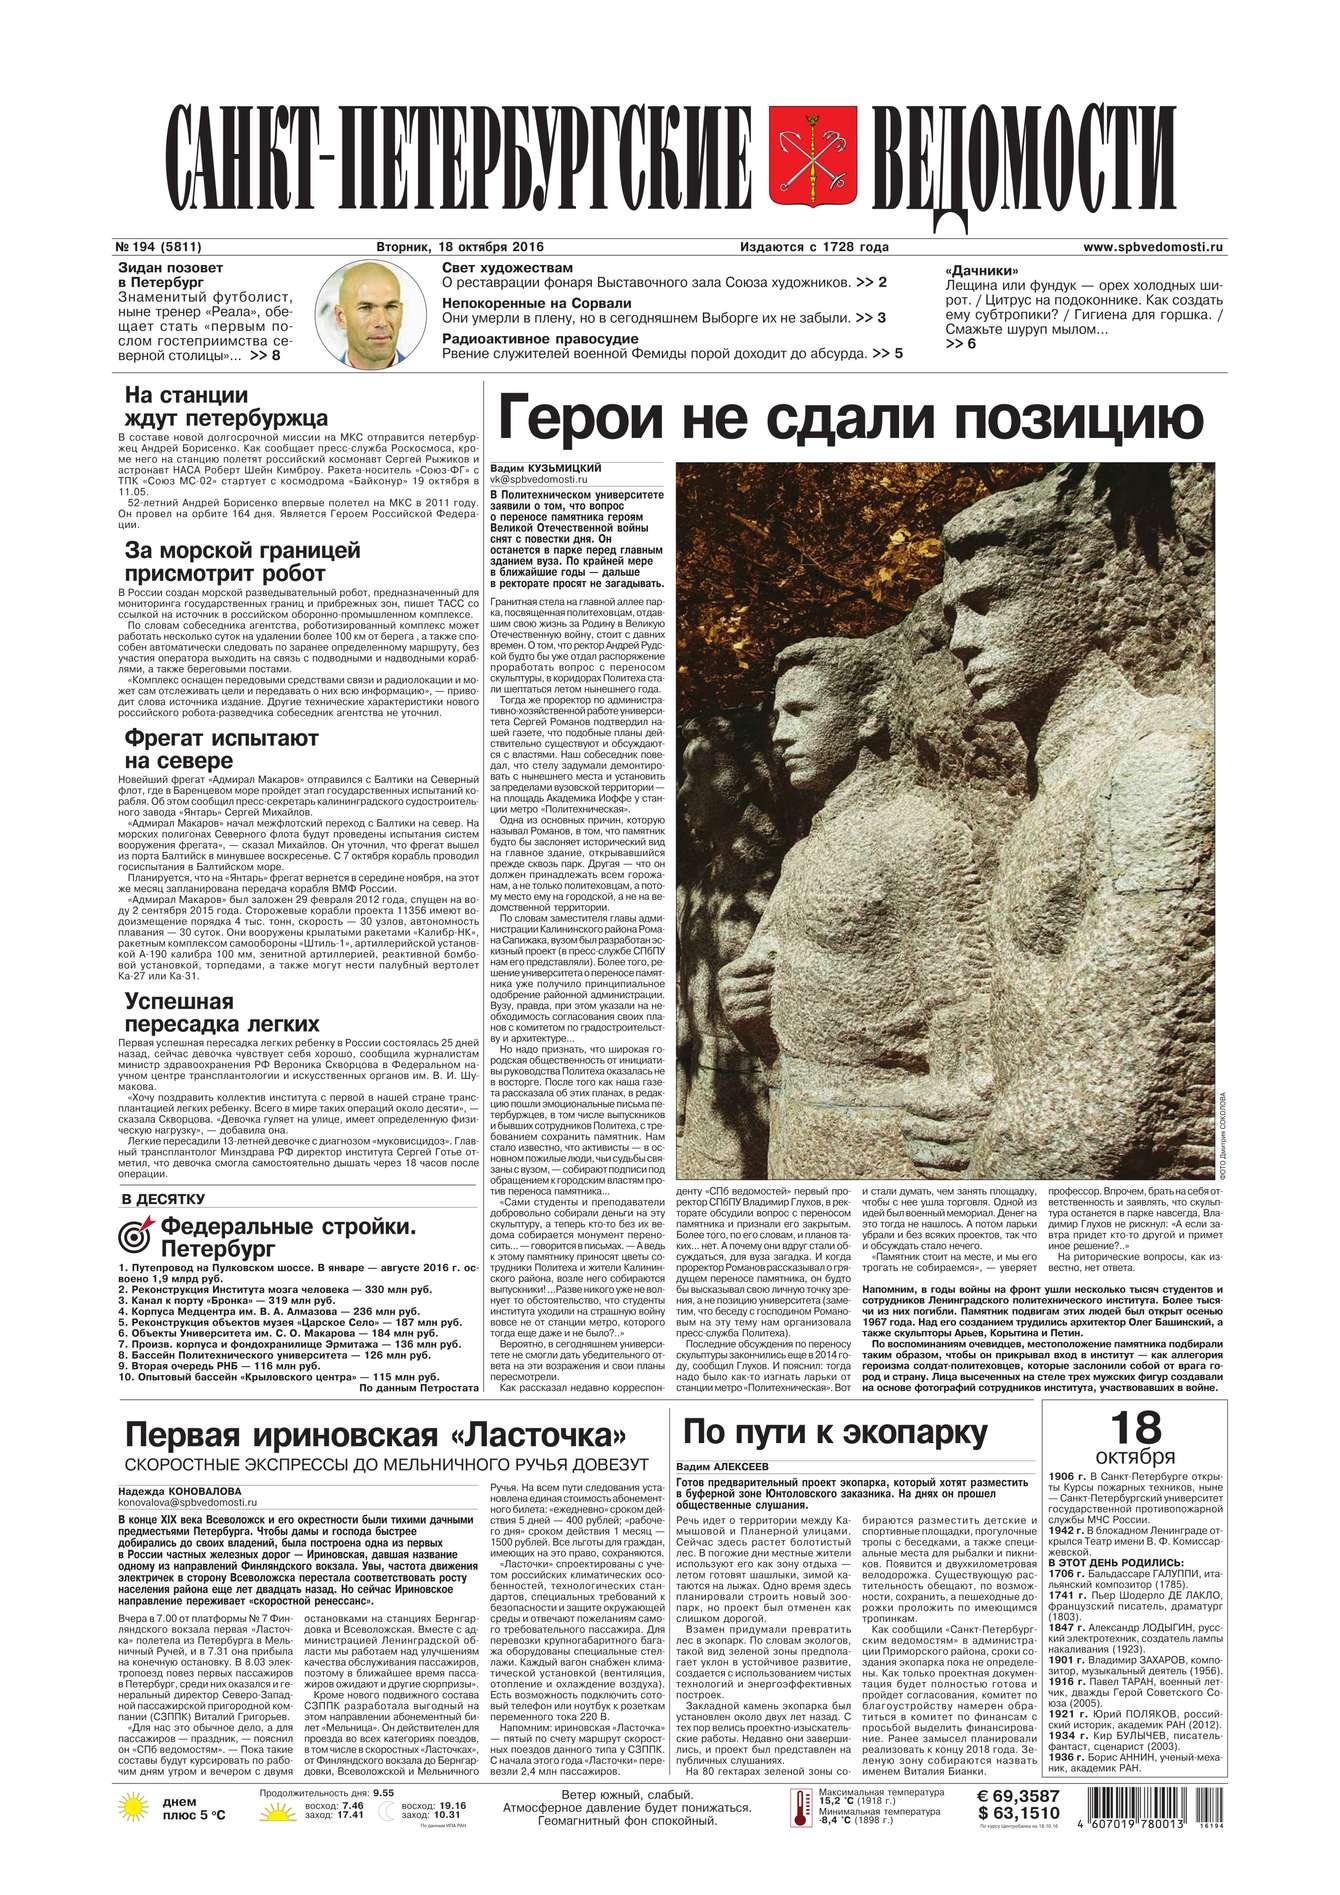 Редакция газеты Санкт-Петербургские ведомости Санкт-Петербургские ведомости 194-2016